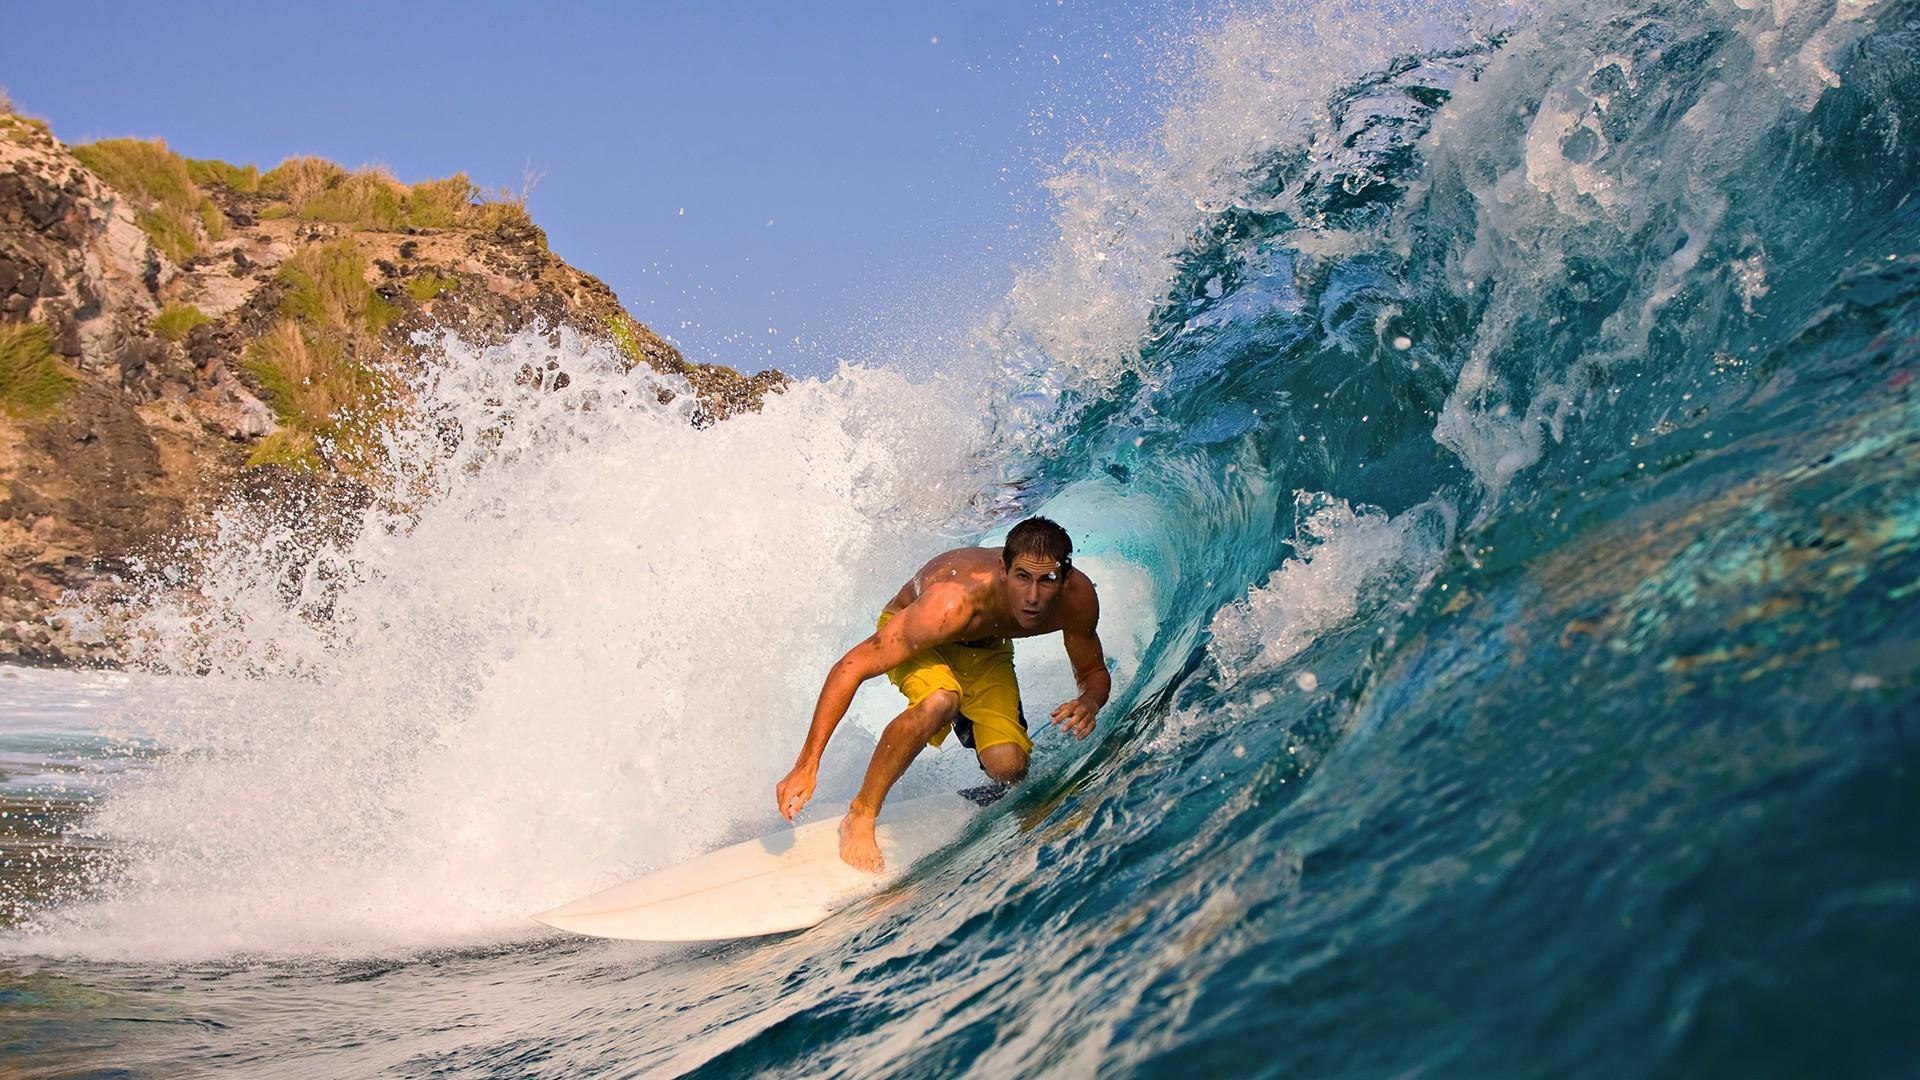 fonds d'écran surf : tous les wallpapers surf